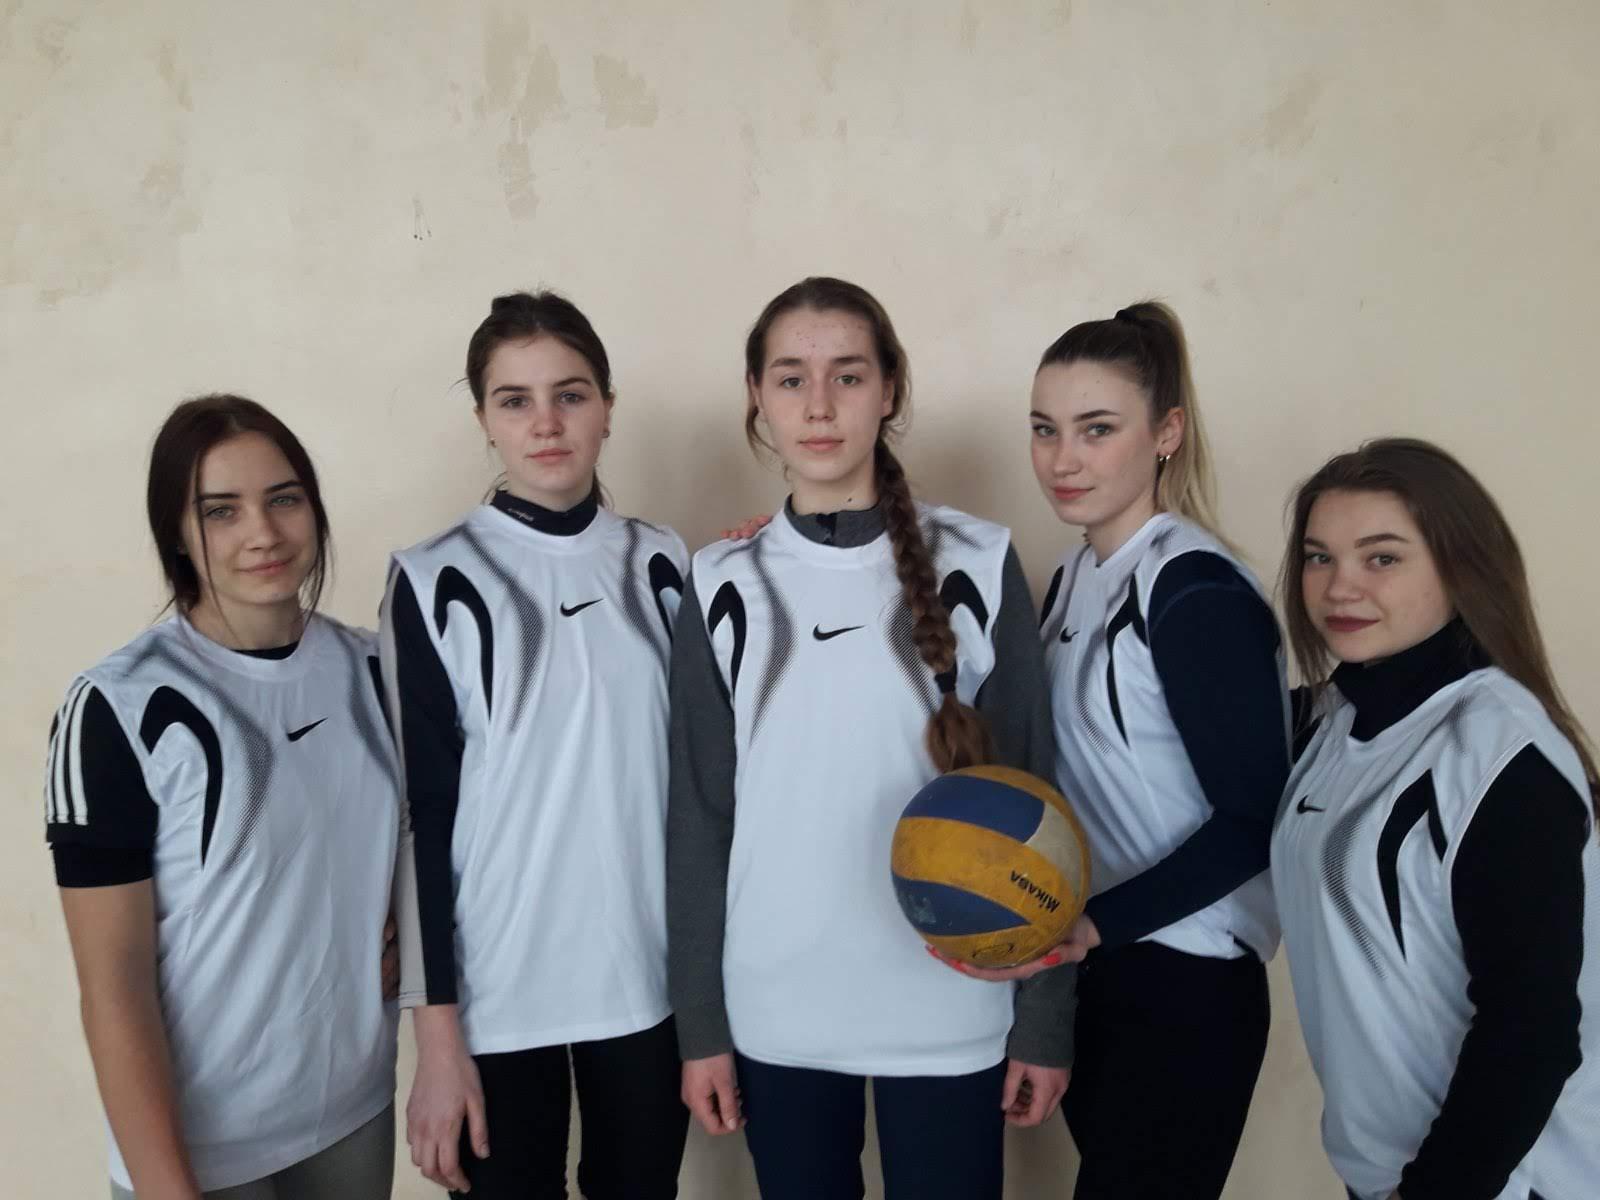 Першість коледжу з волейболу серед дівчат